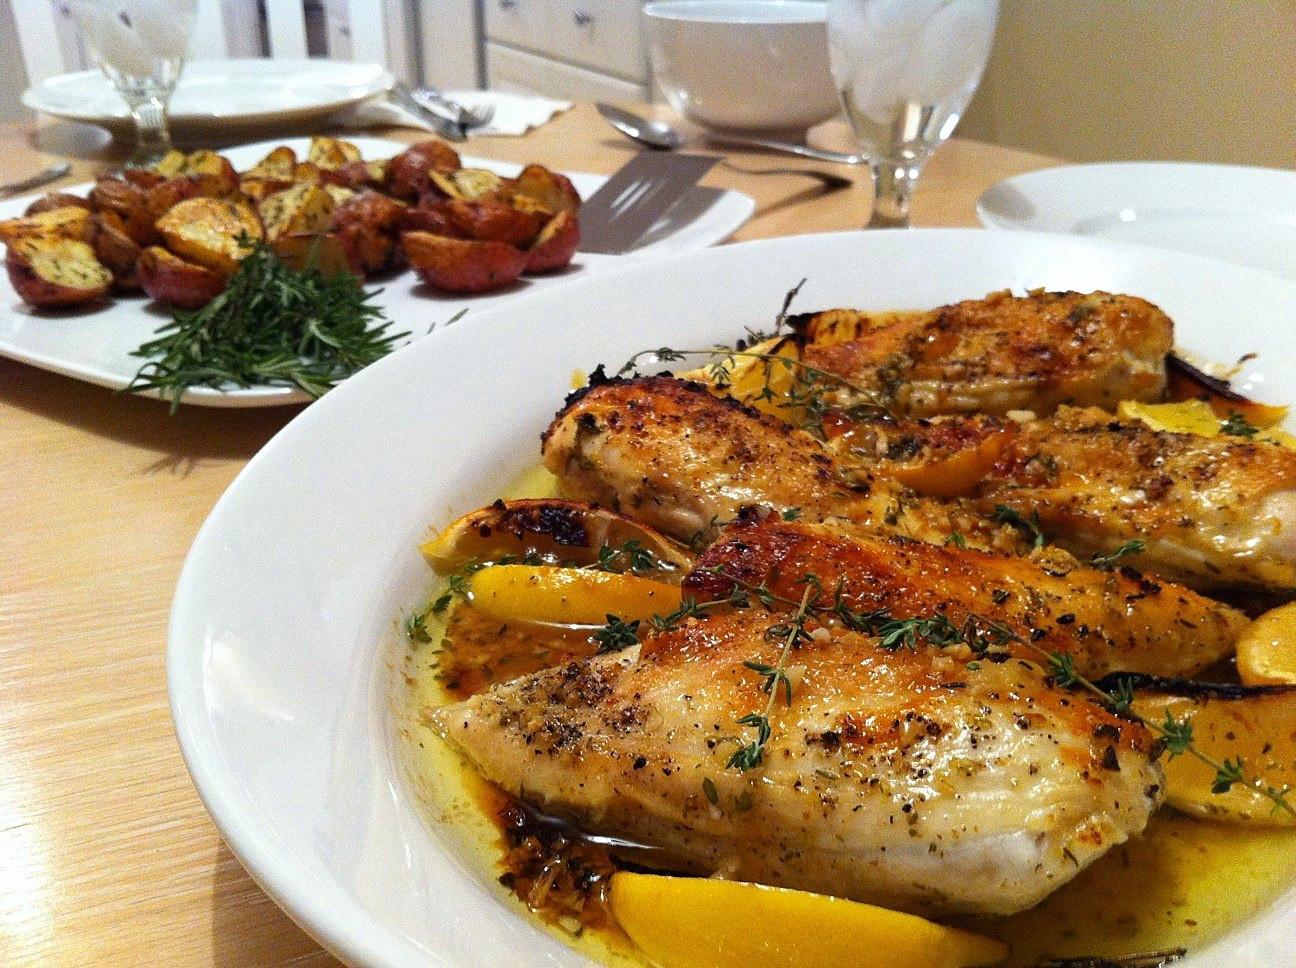 Lemon Chicken Baked  Baked Herb Lemon Chicken Andicakes